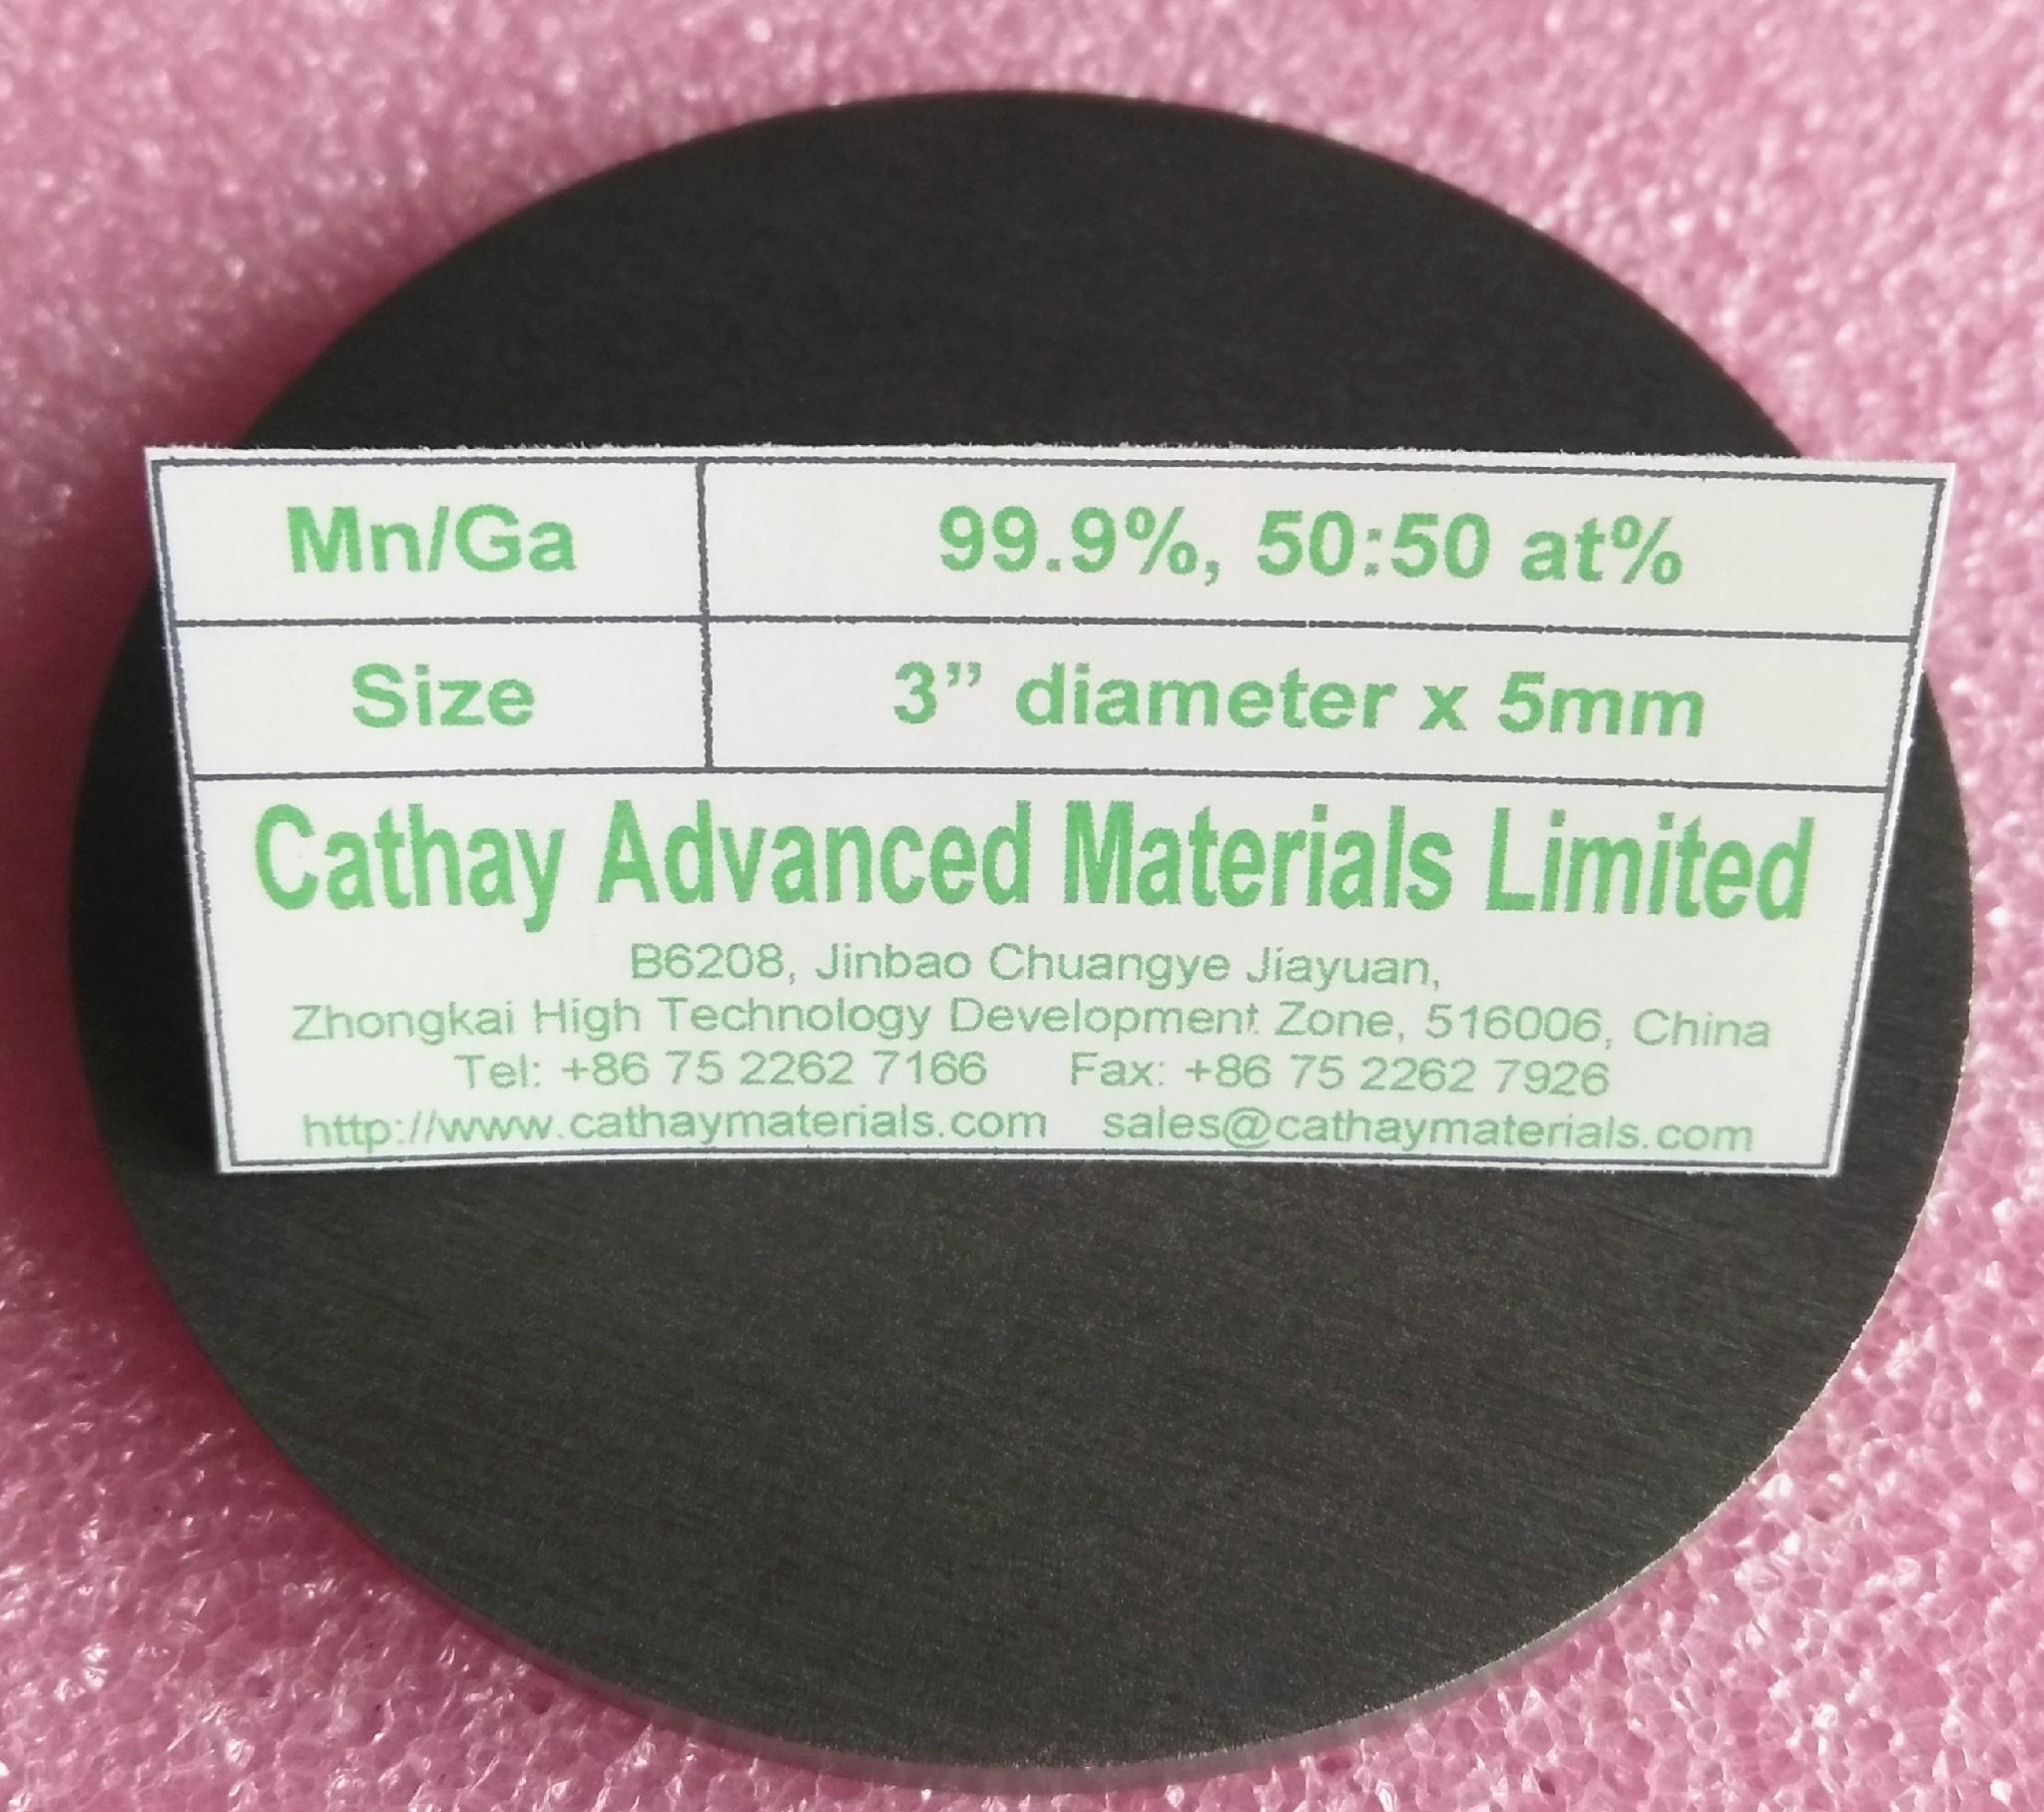 manganese gallium alloy target